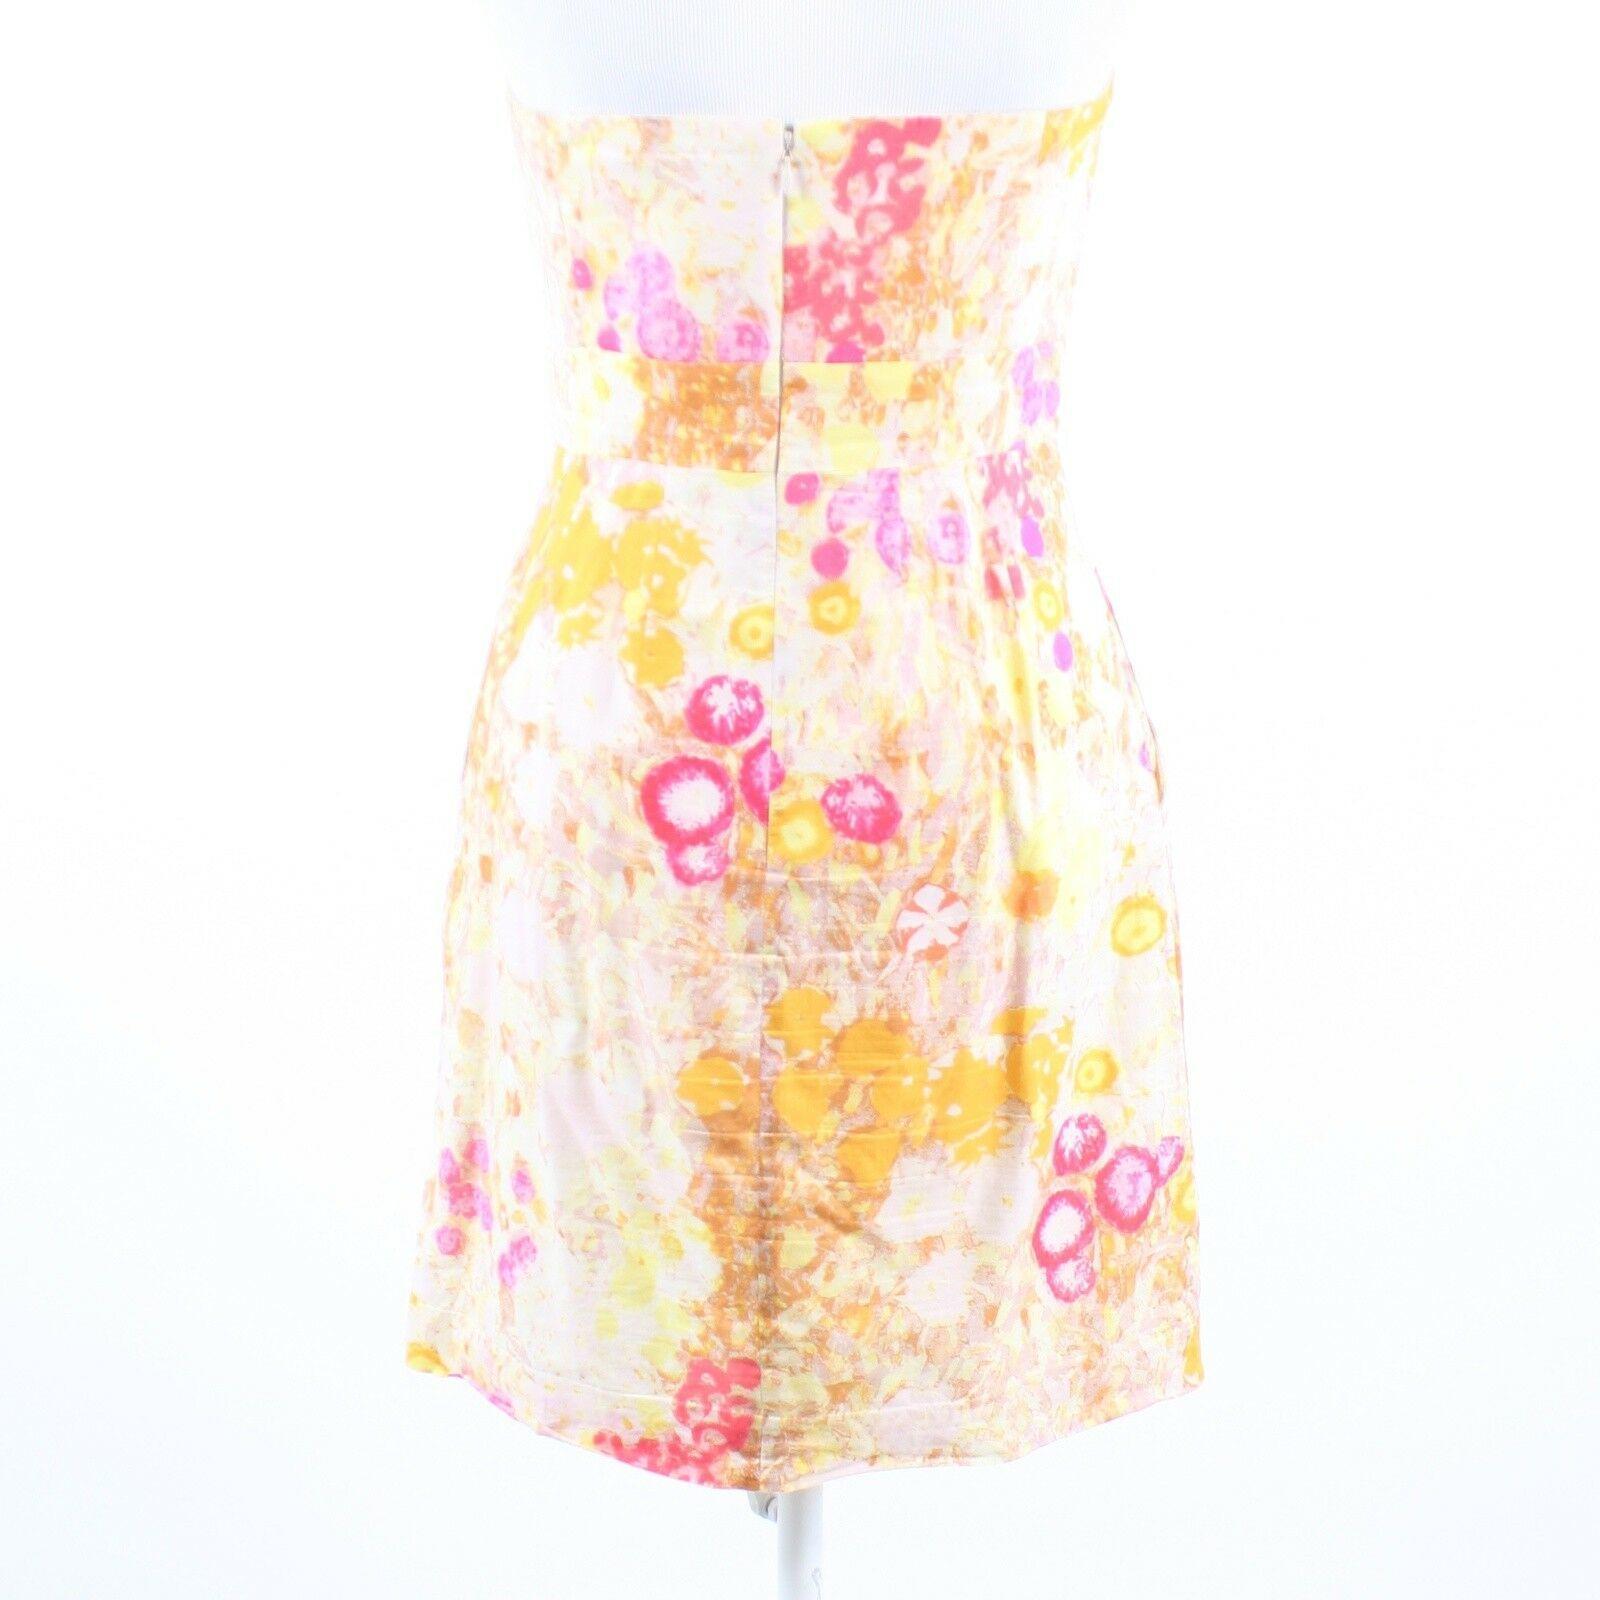 Multicolor floral print 100% cotton J. CREW sun dress 6 image 7